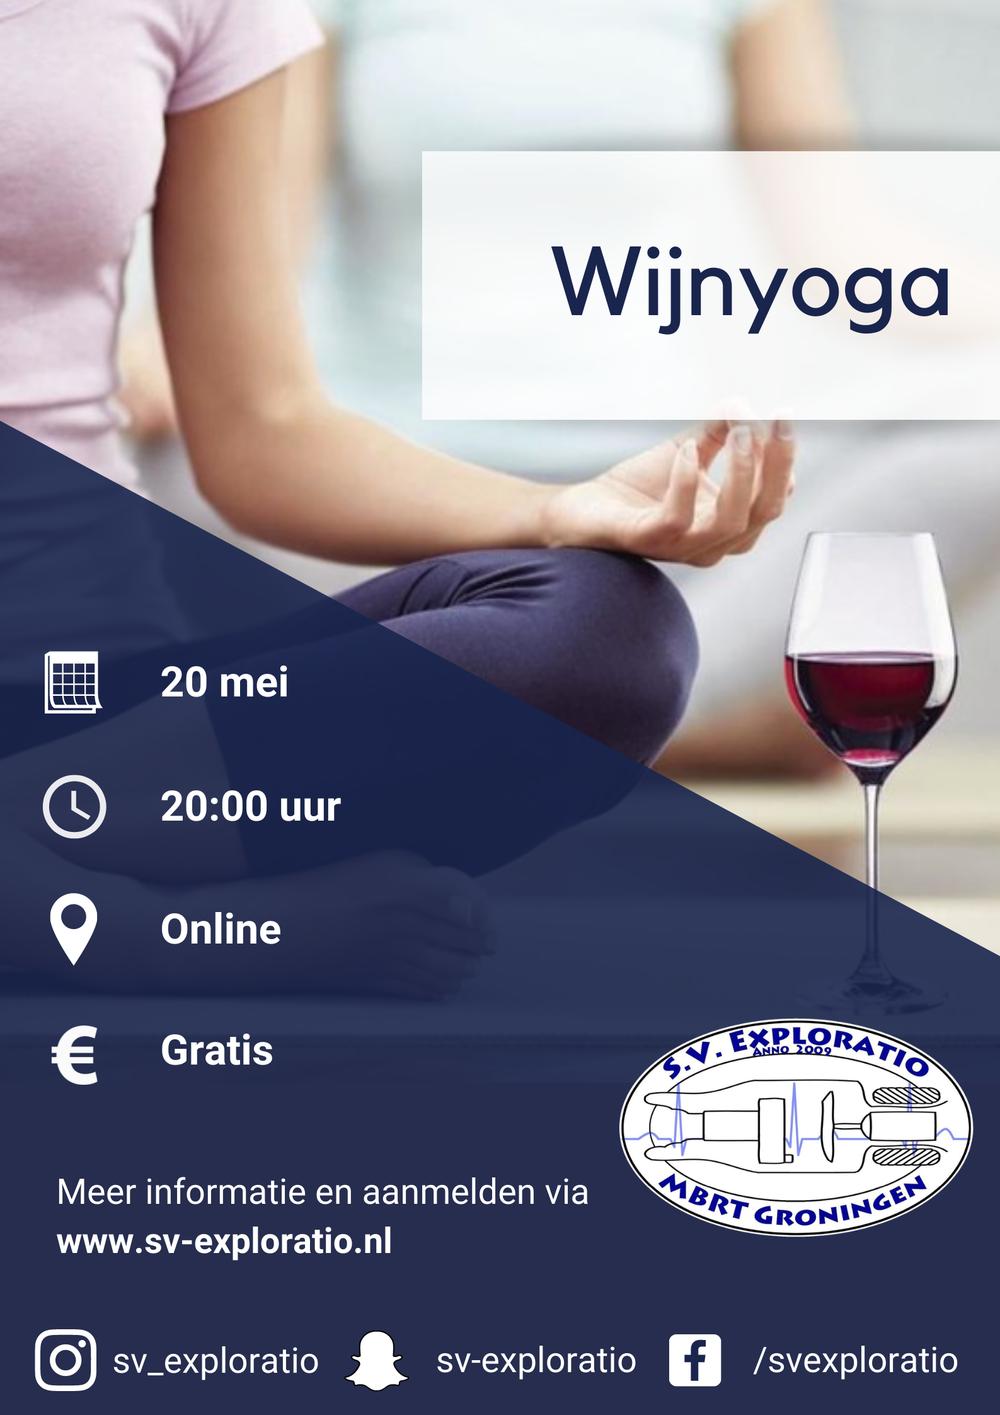 Wijn yoga